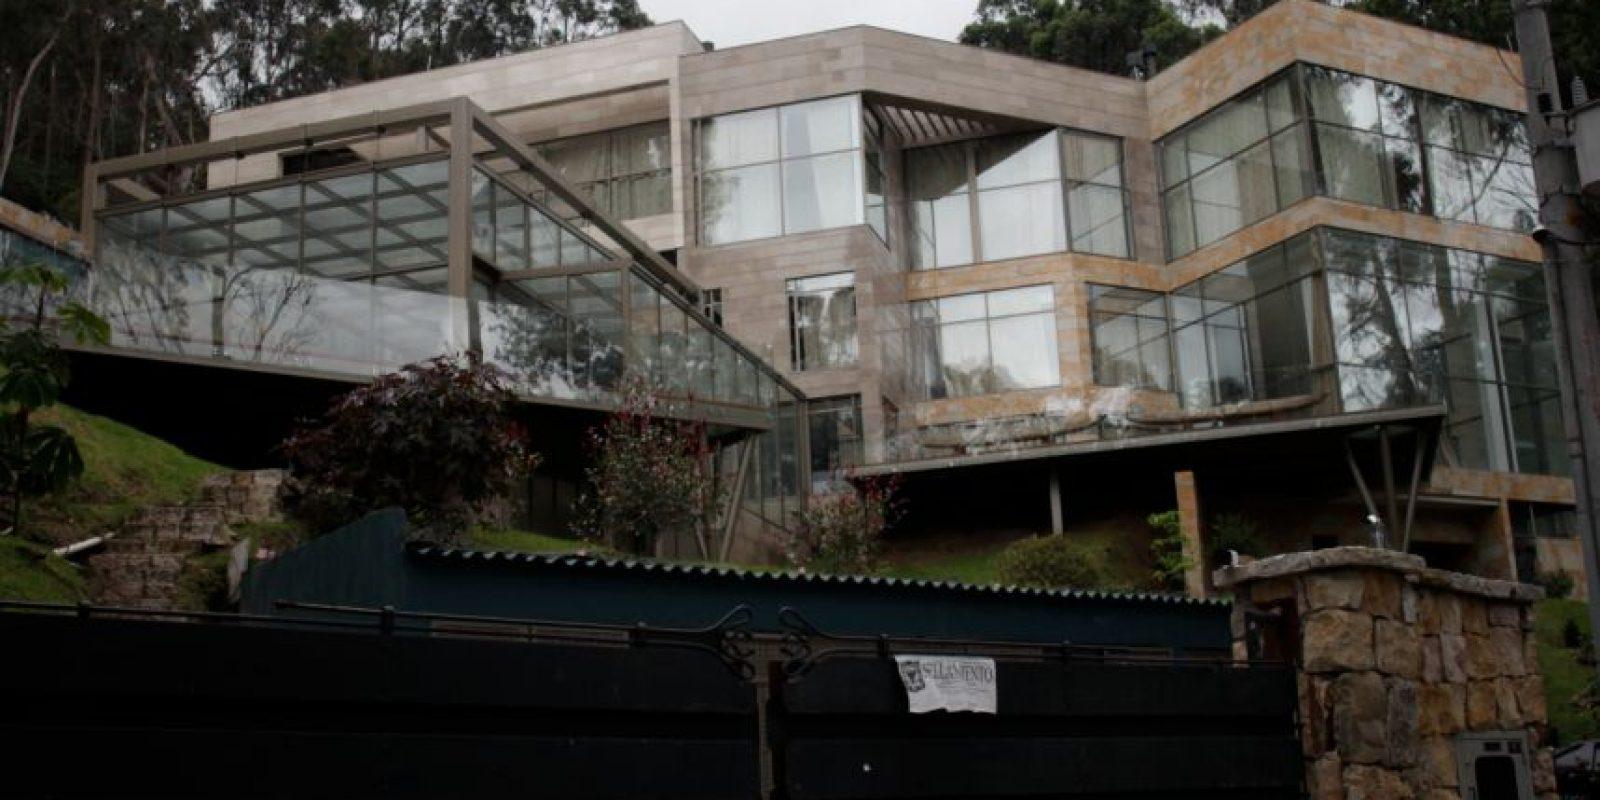 Se decidirá si los propietarios deberán pagar una multa millonaria Foto:Juan Pablo Pino-Publimetro